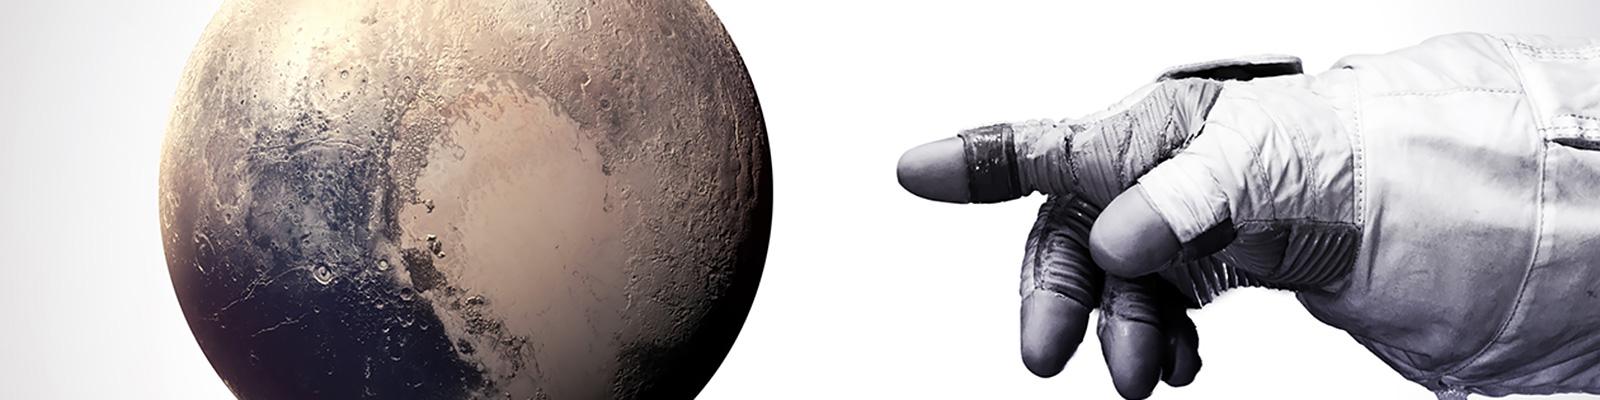 冥王星 イメージ